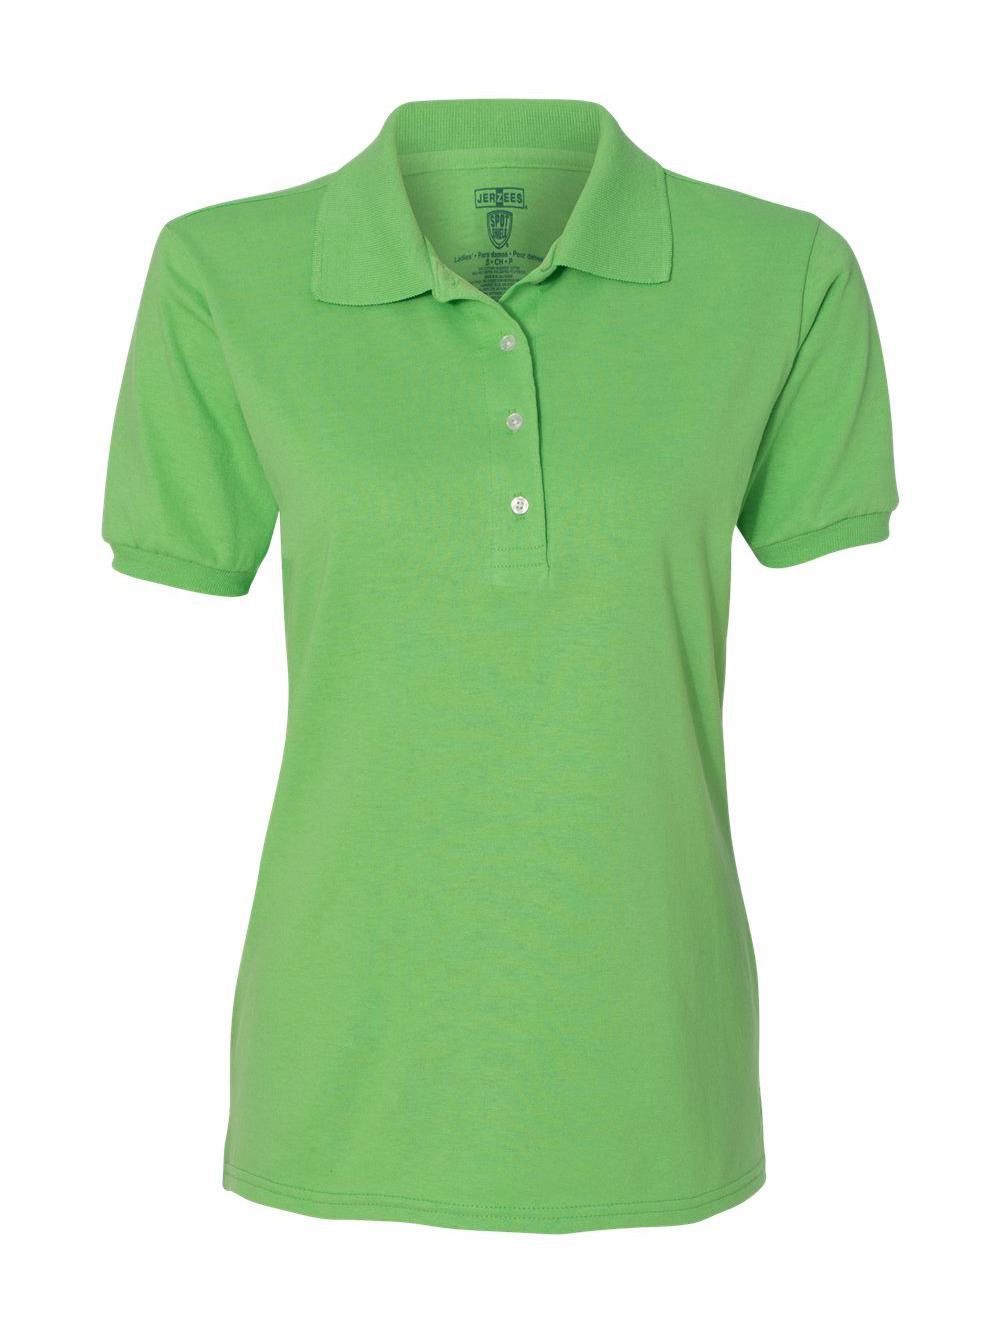 Jerzees-Women-039-s-Spotshield-50-50-Sport-Shirt-437WR thumbnail 18